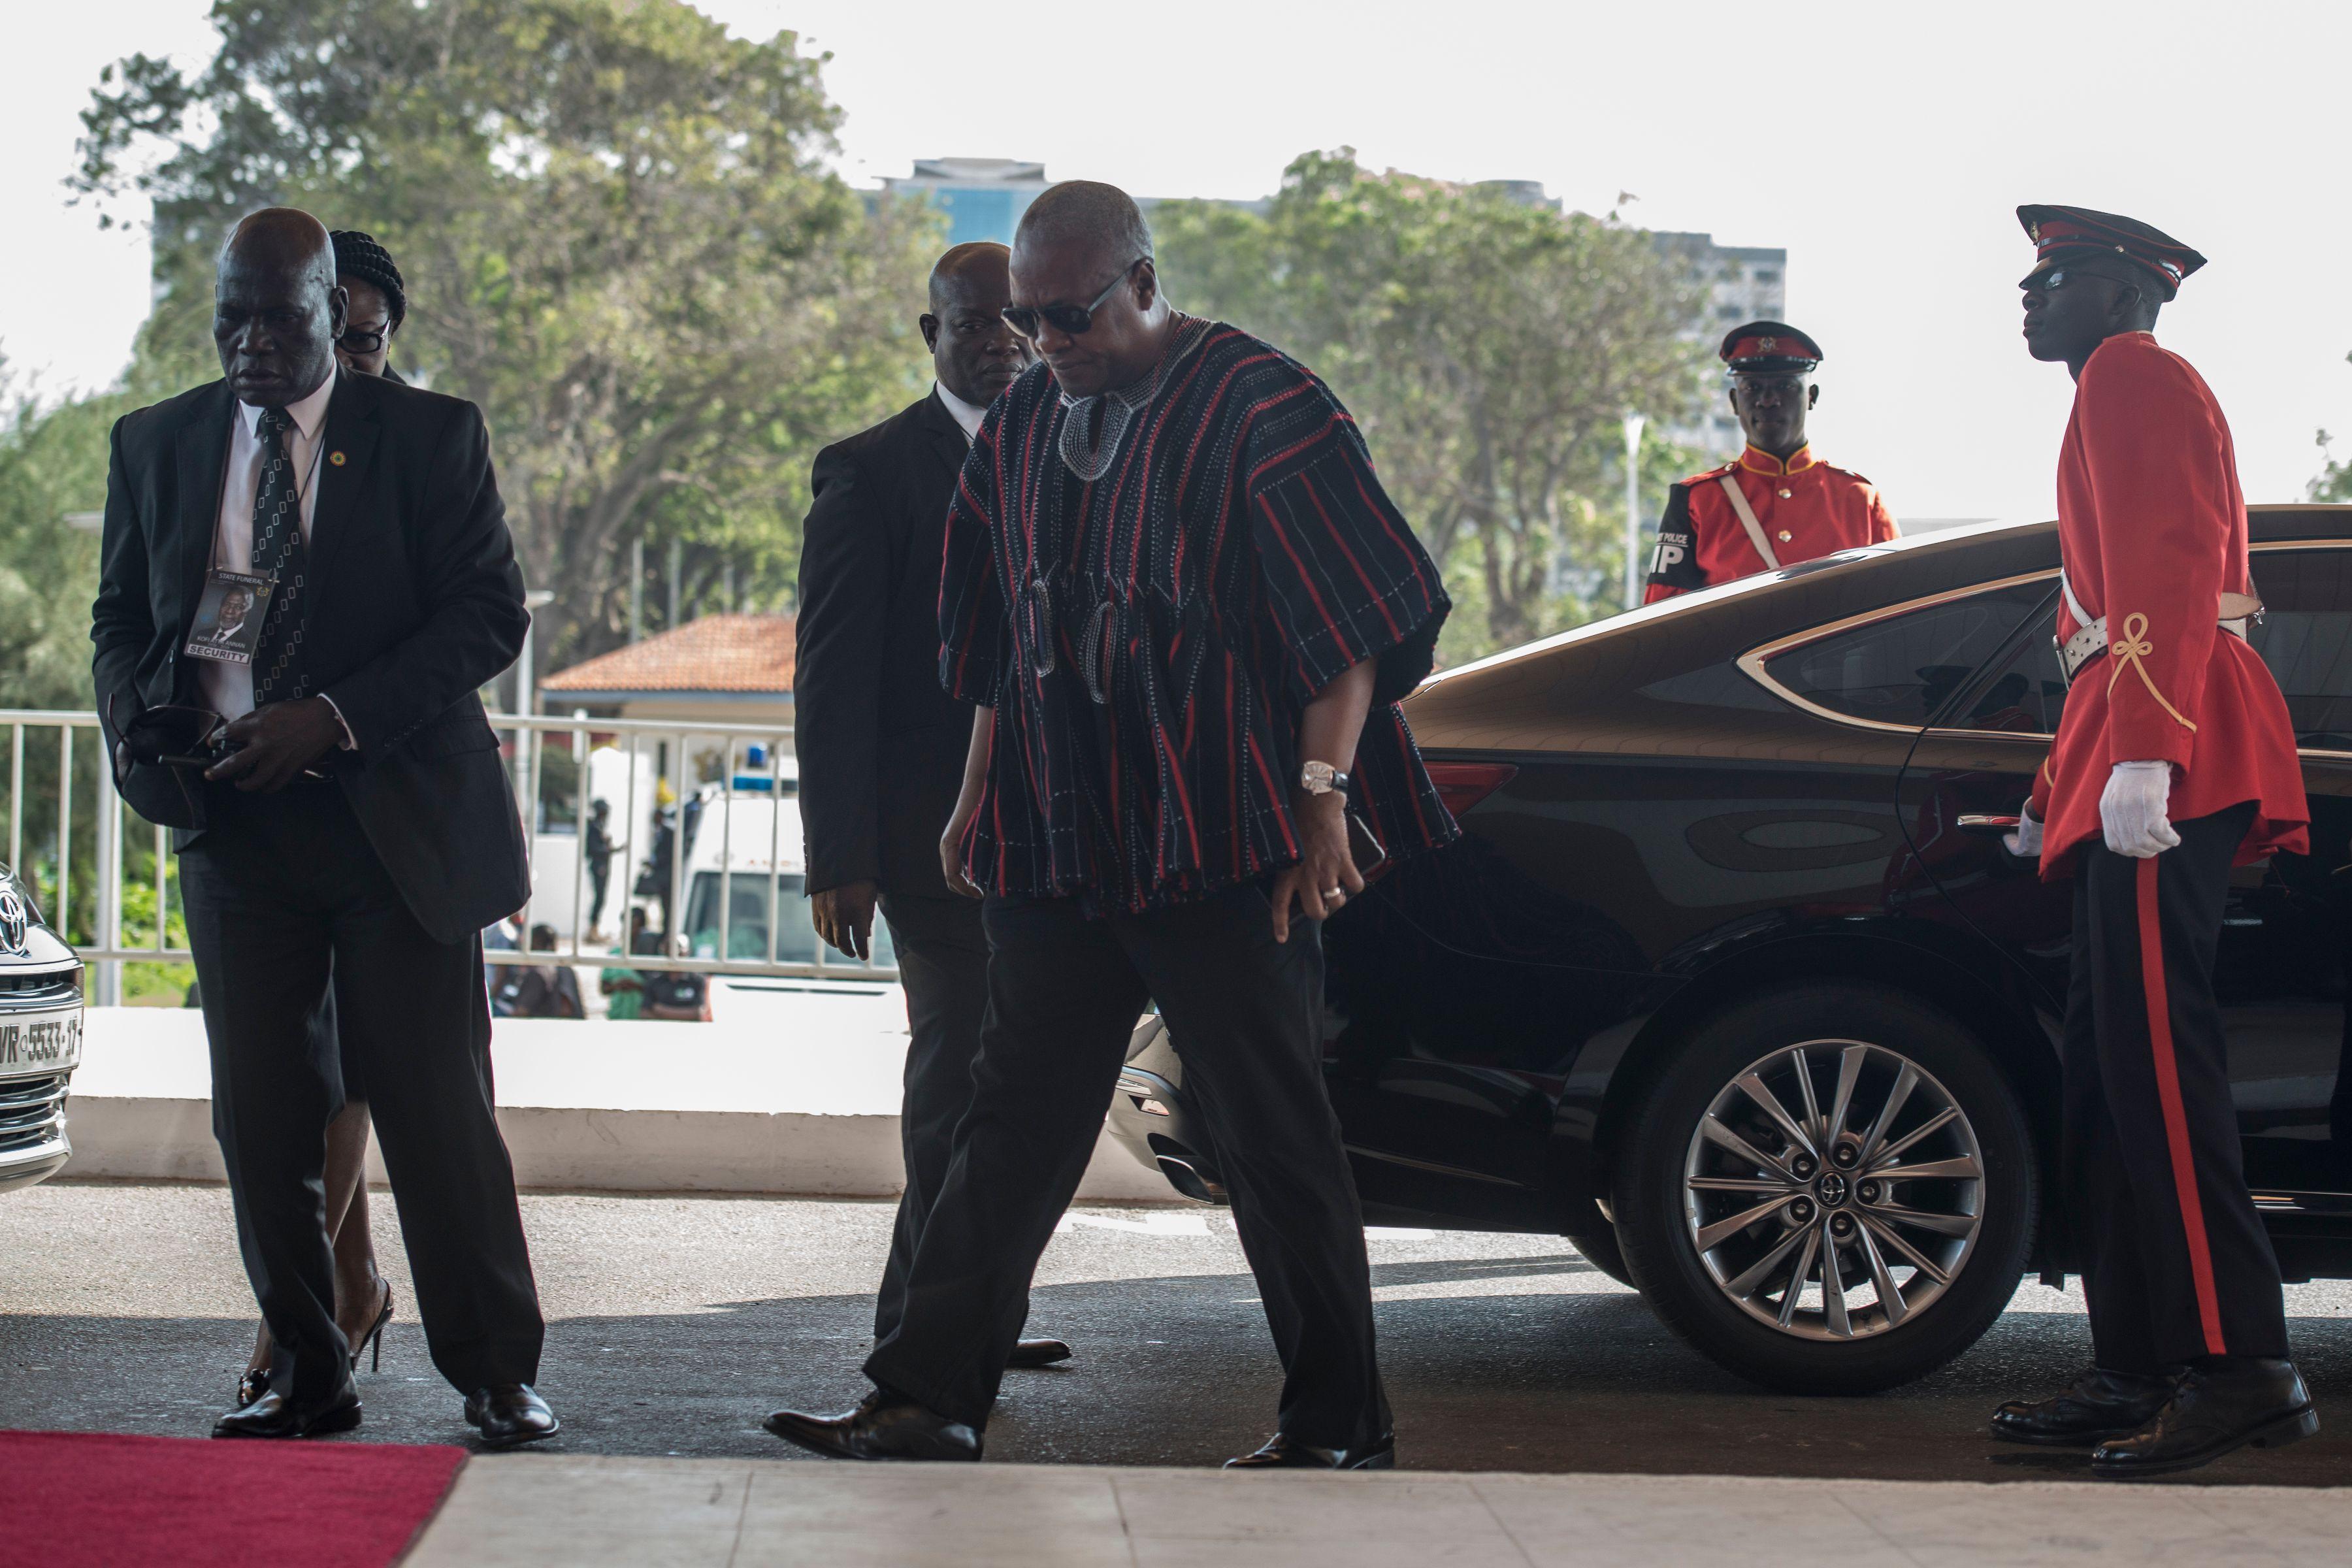 زعيم افريقى يصل مراسم دفن كوفى عنان